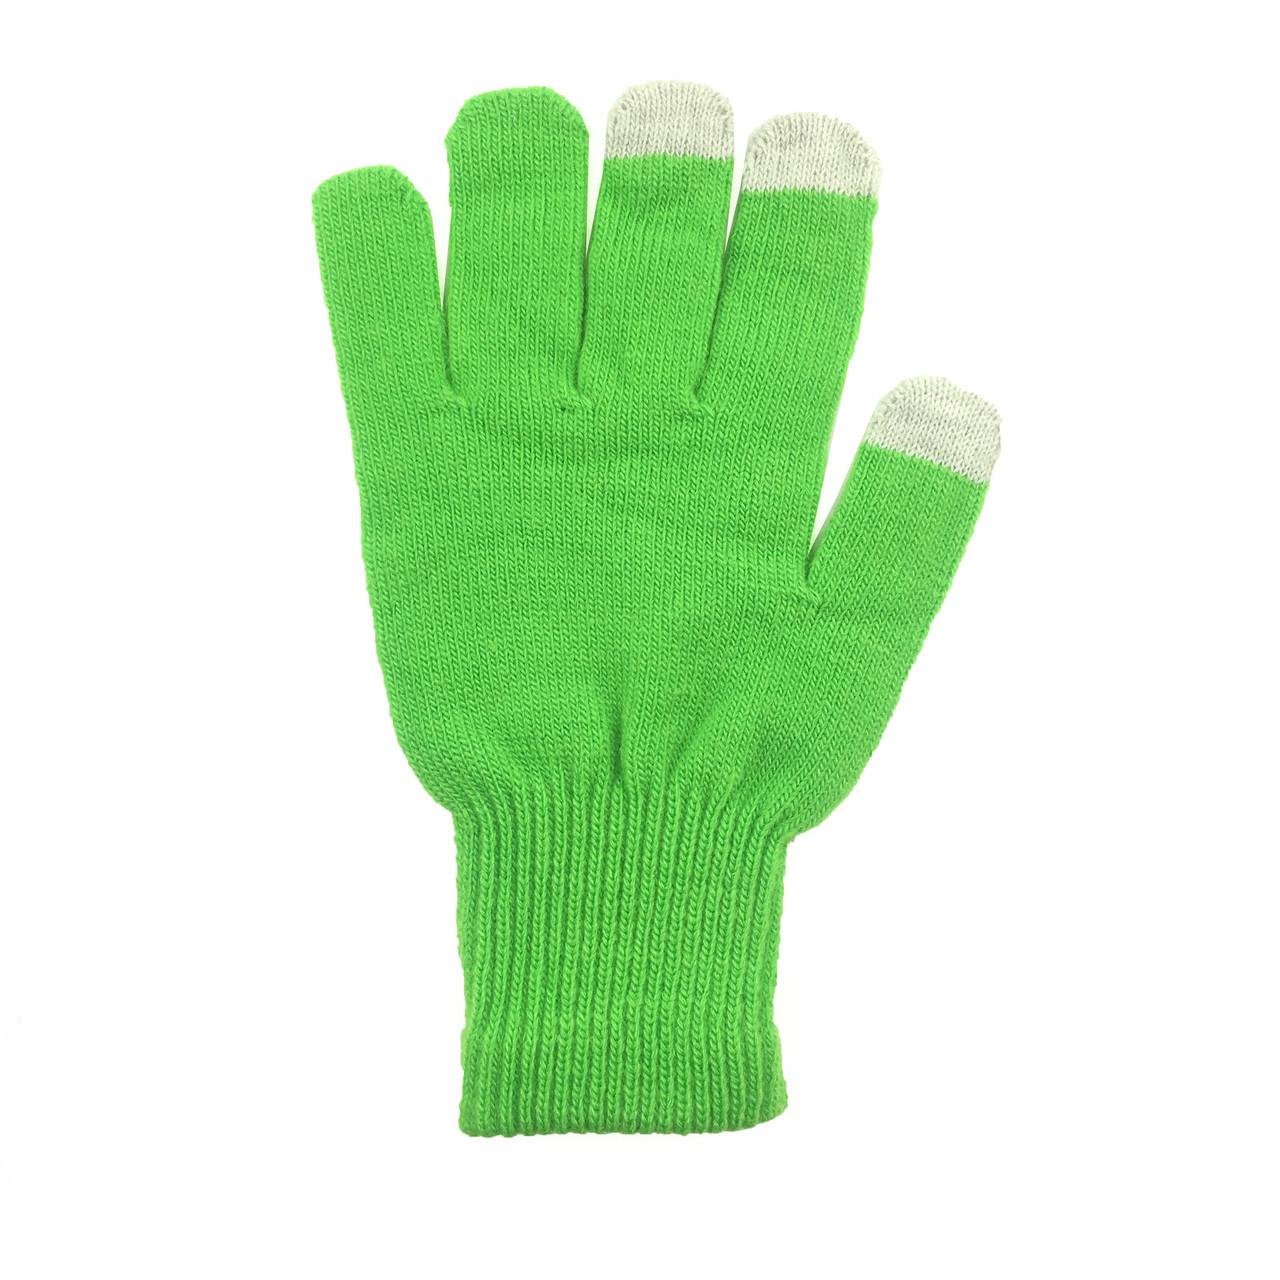 ✅ Перчатки iTouch для сенсорных экранов Lime Green